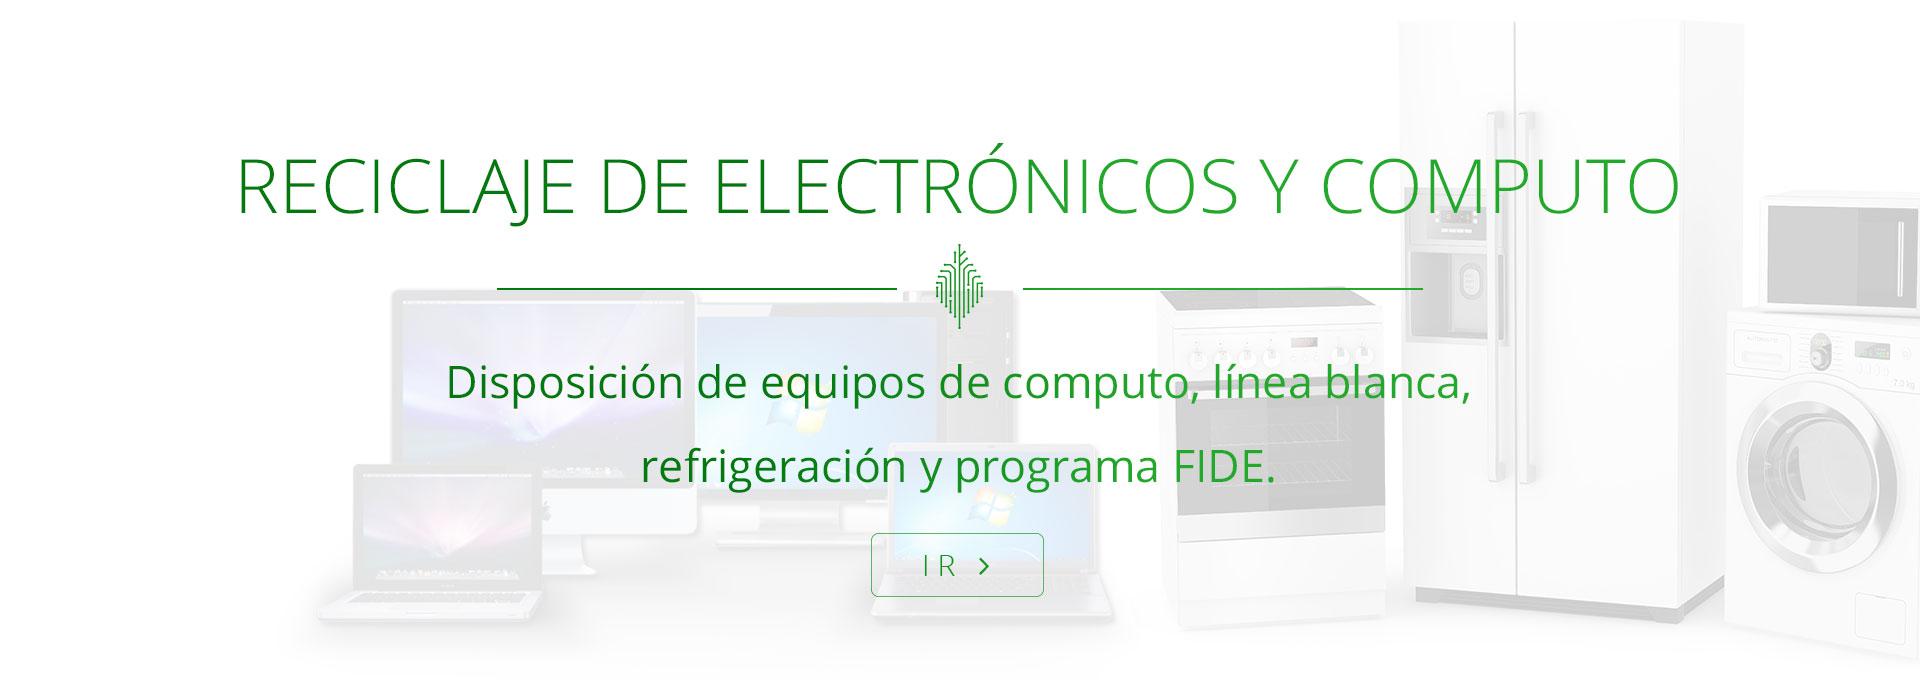 Reciclaje de Electrónicos y Cómputo | Grupo Ecológico MAC